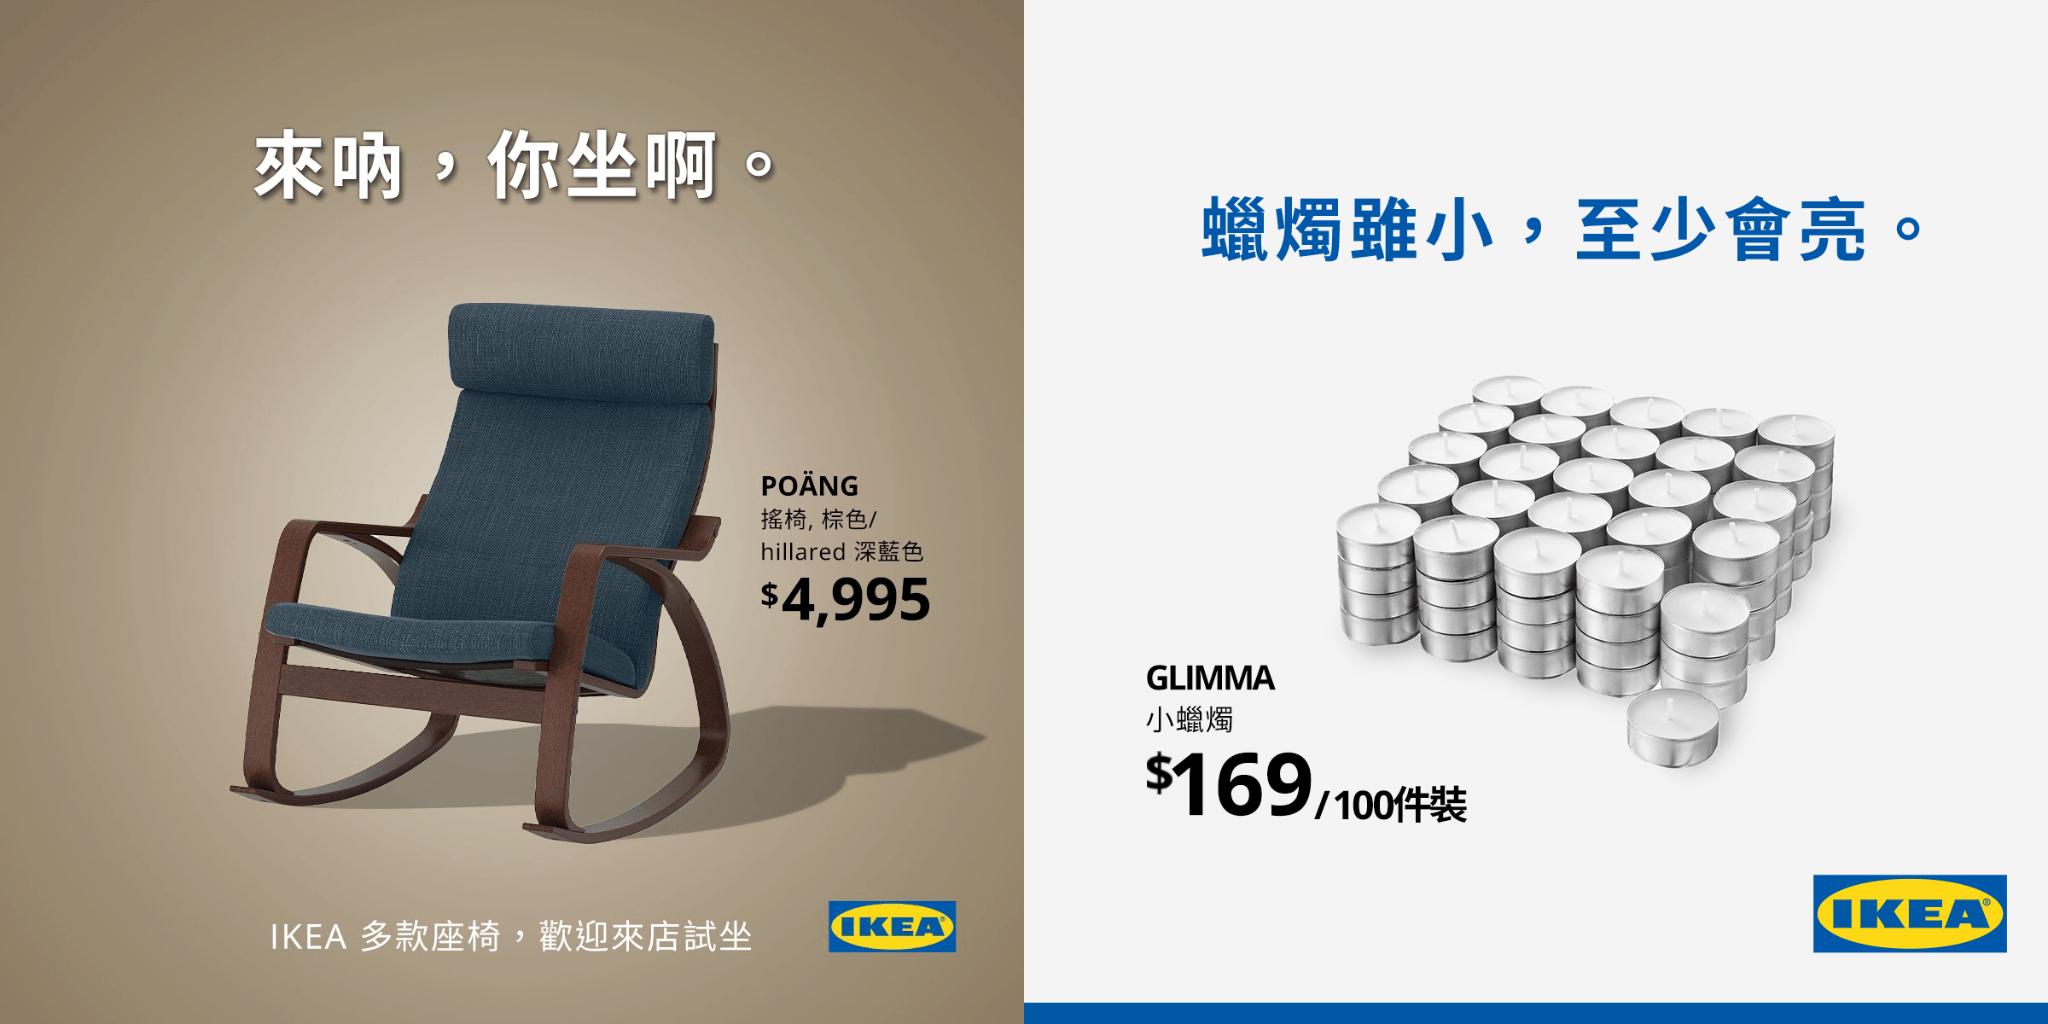 IKEA 搭上進擊的巨人完結熱潮,規劃以諧音為主的文案 /搭上當時停電話題的文案(圖取自 IKEA facebook 粉絲專頁)